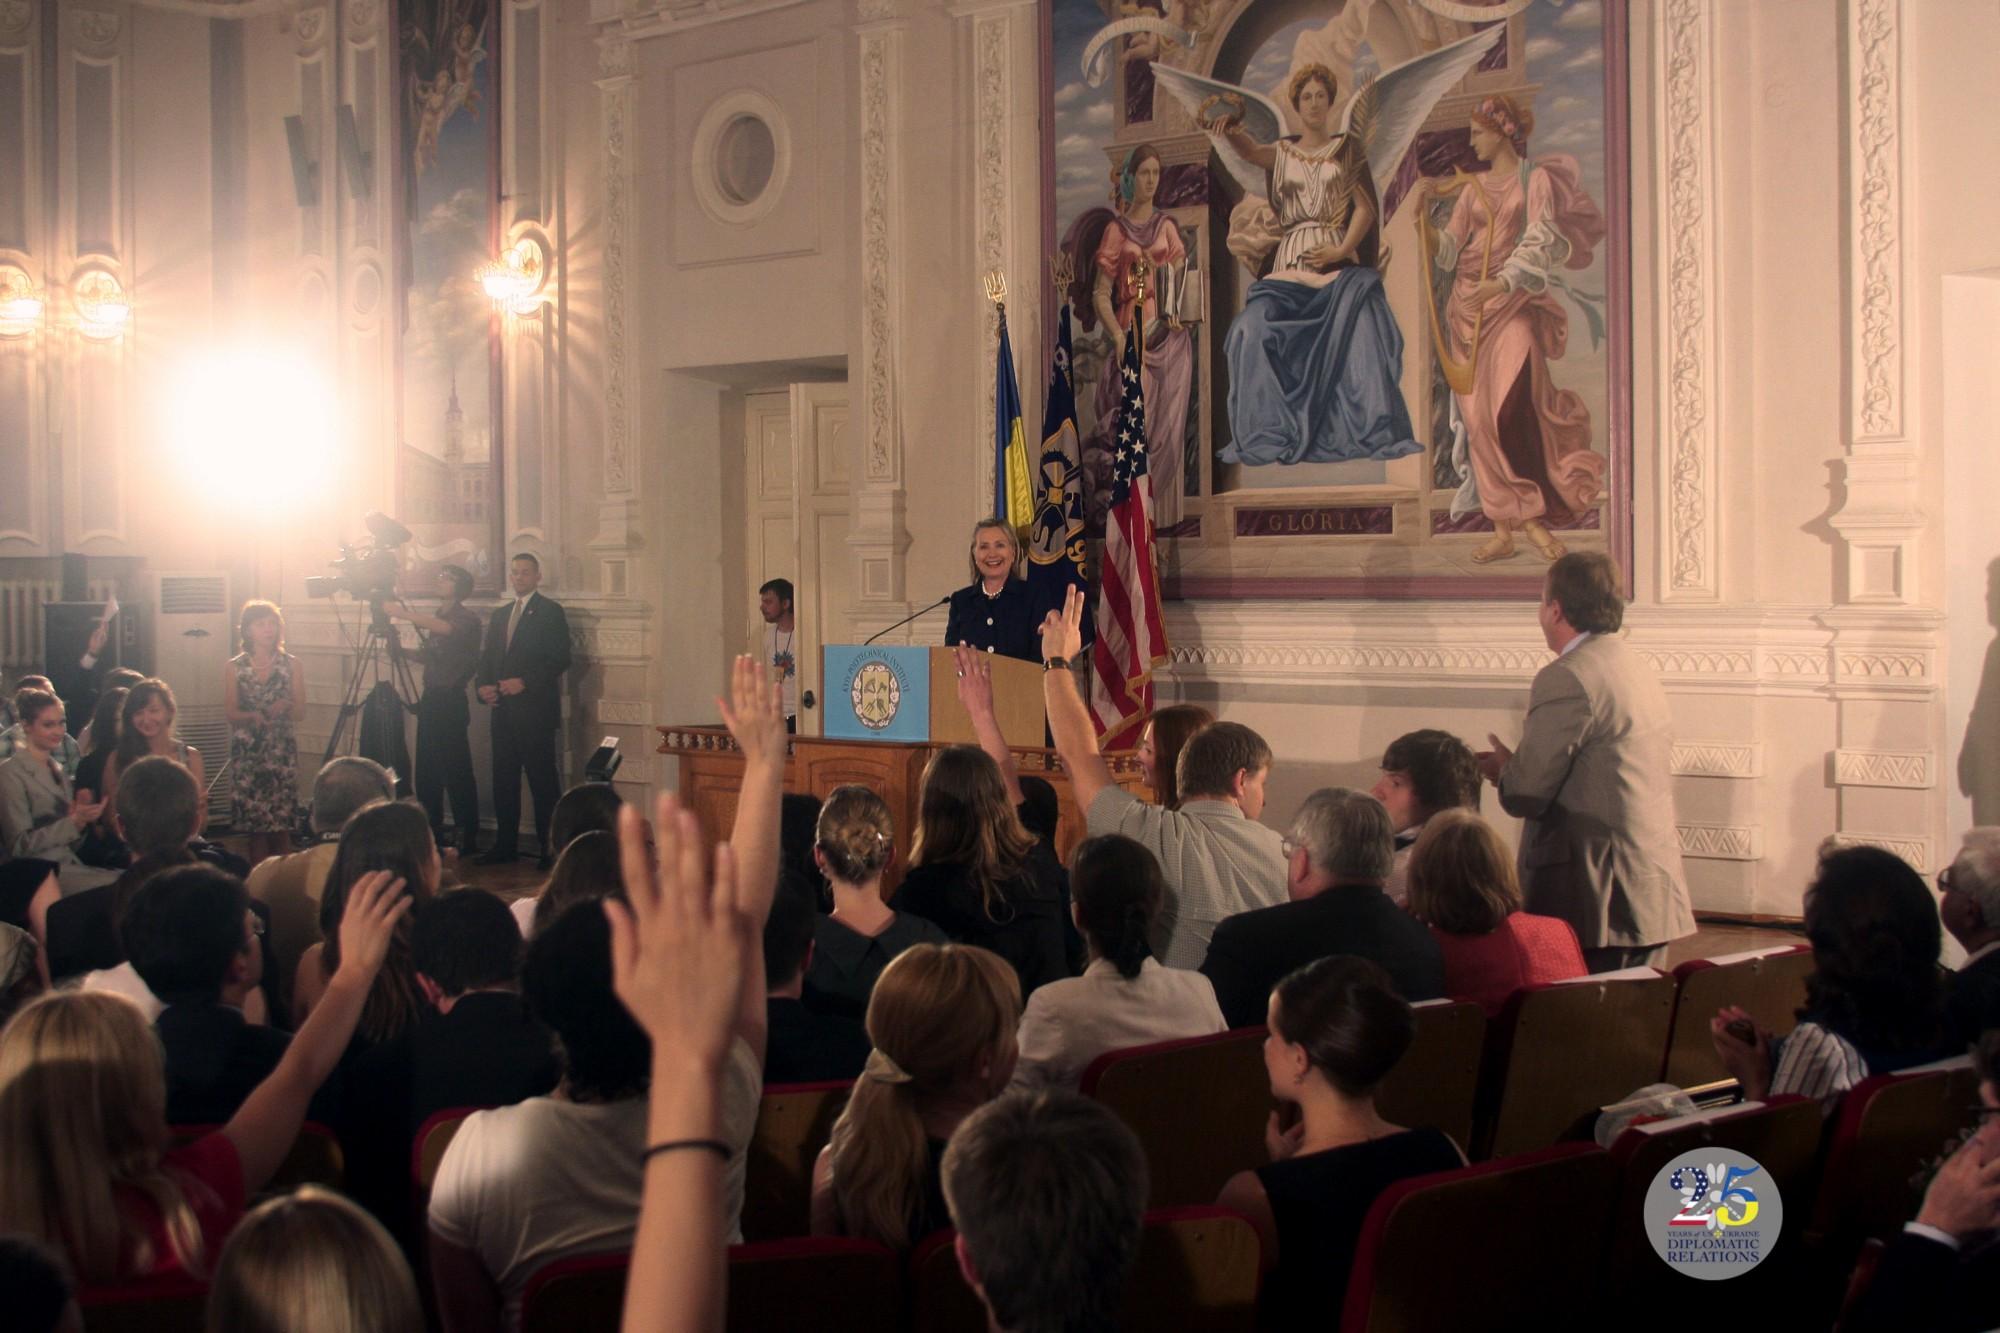 Встреча Государственного секретаря США Хиллари Клинтон со студентами КПИ, 2010 год.